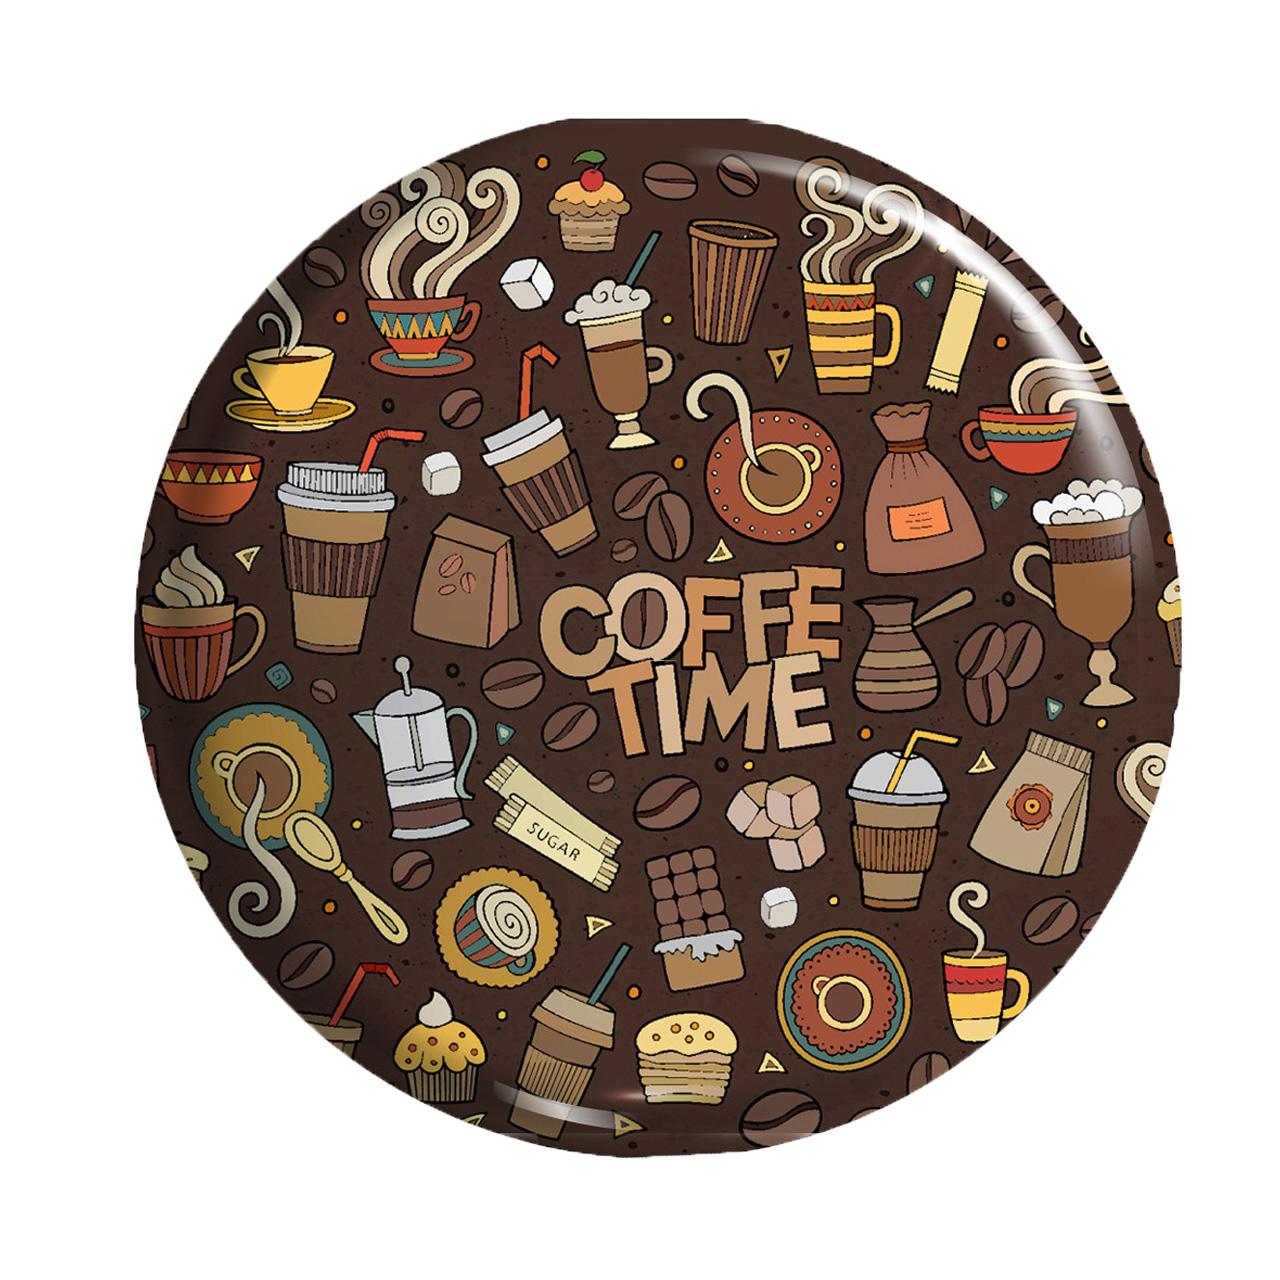 قیمت پیکسل تیداکس طرح قهوه باریستا کافی لاته کافه کد TiD041